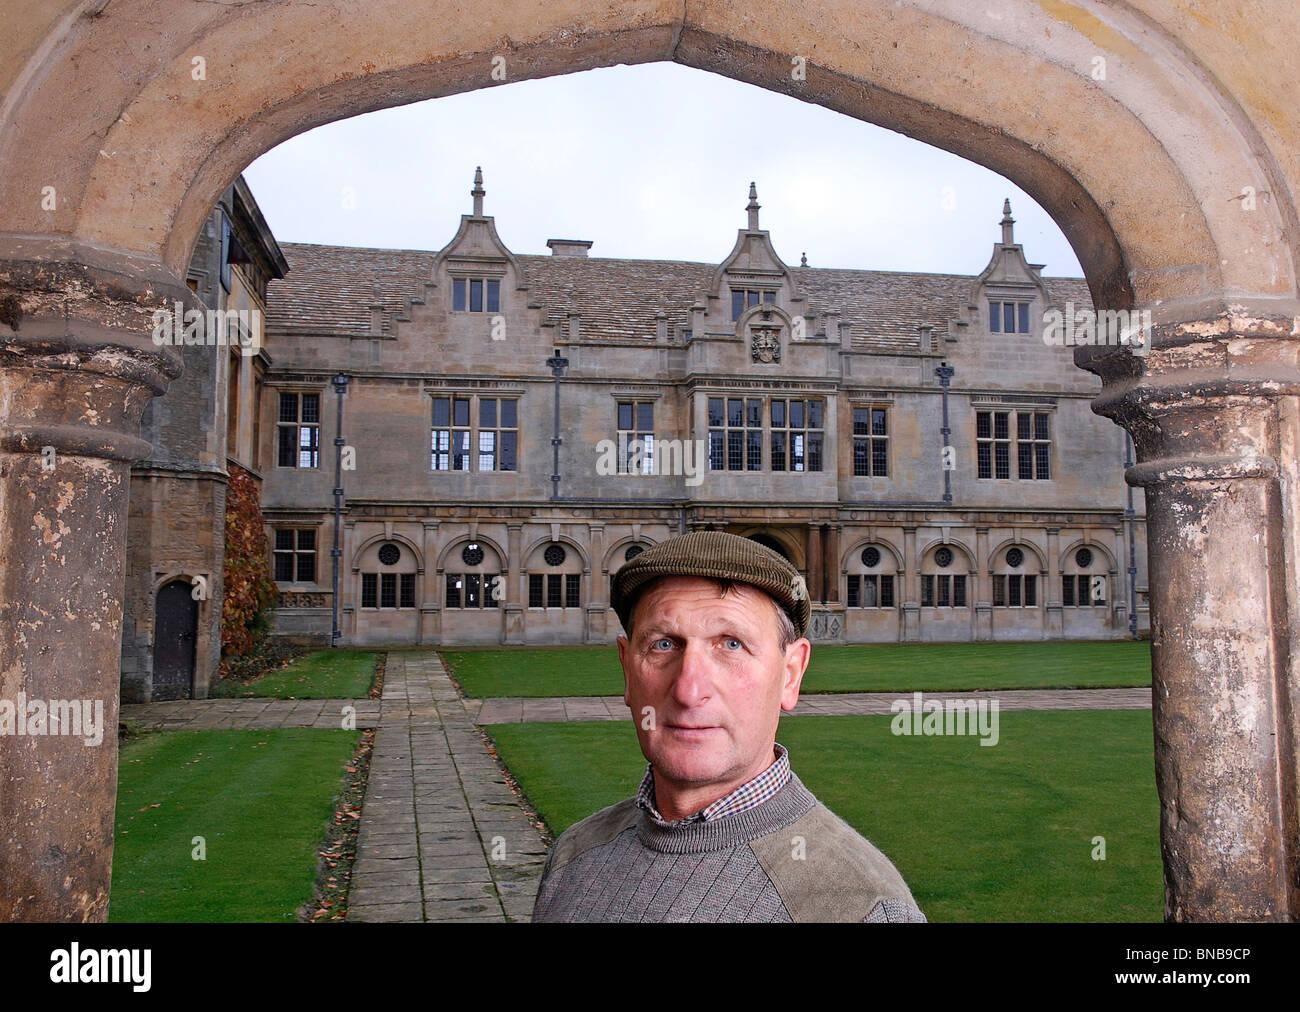 George Kelley,MBE, the custodian at Apethorpe Hall, Northants., 2008. - Stock Image